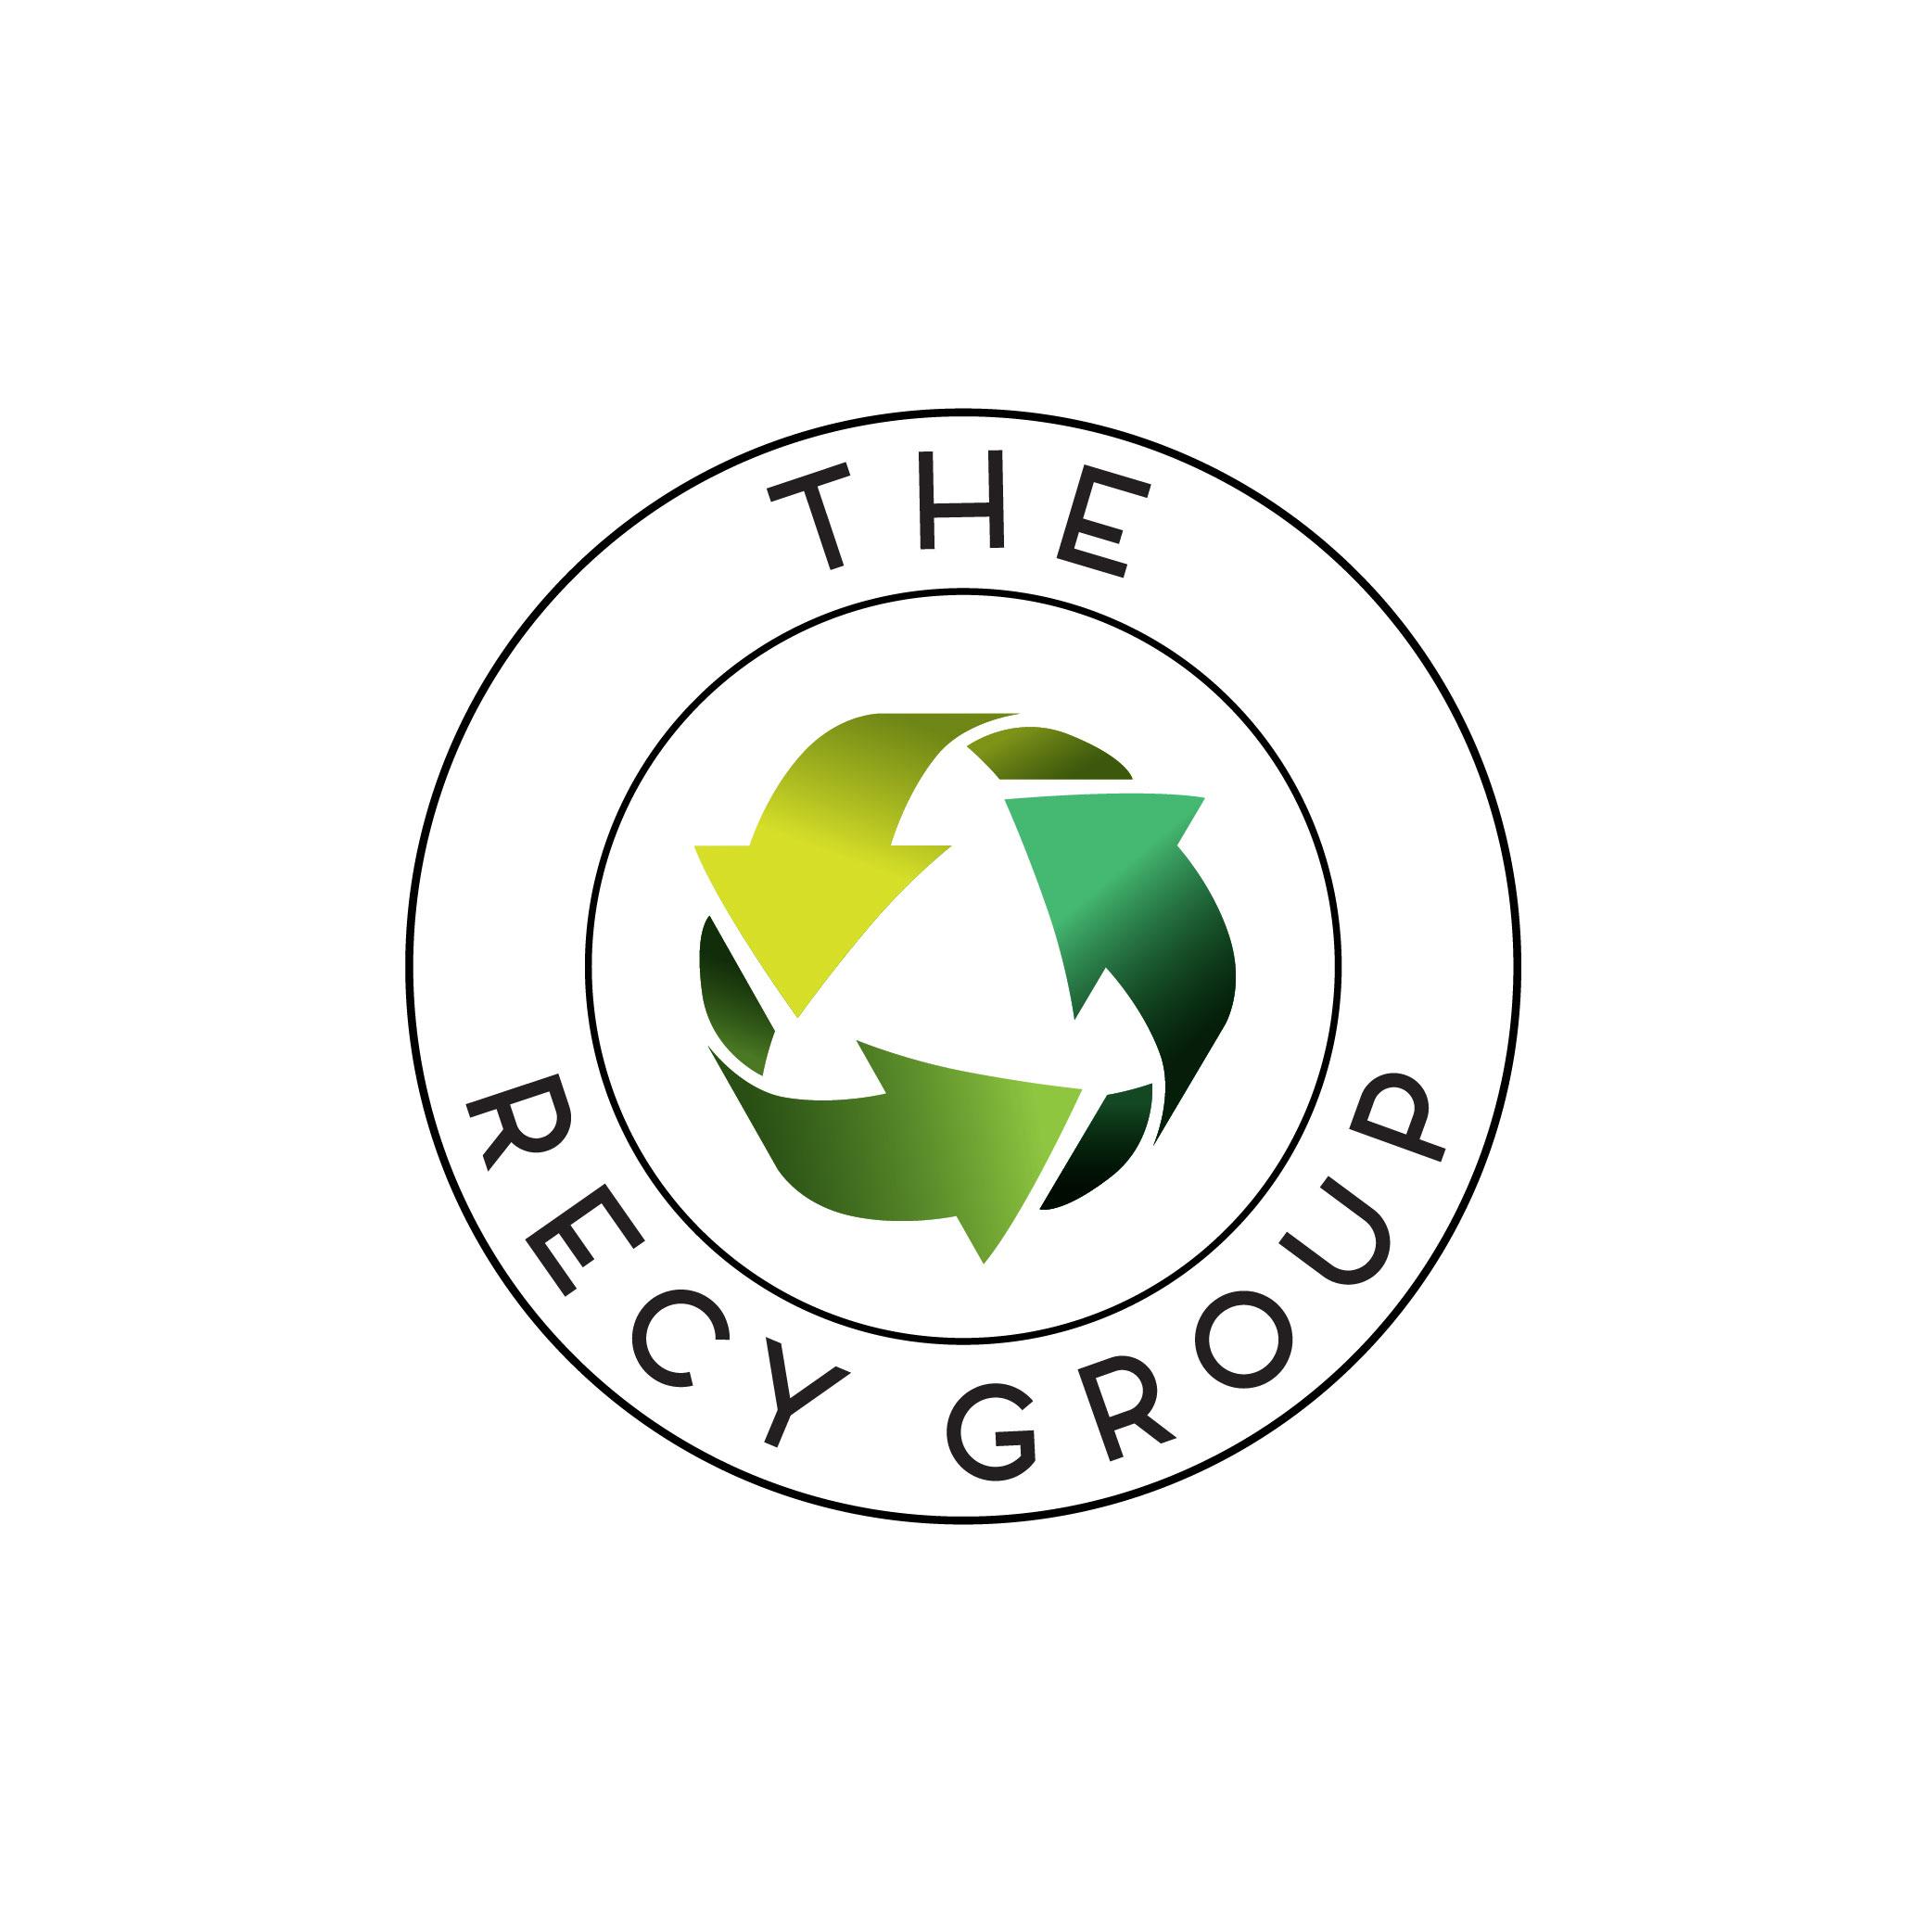 An innovative recycling company